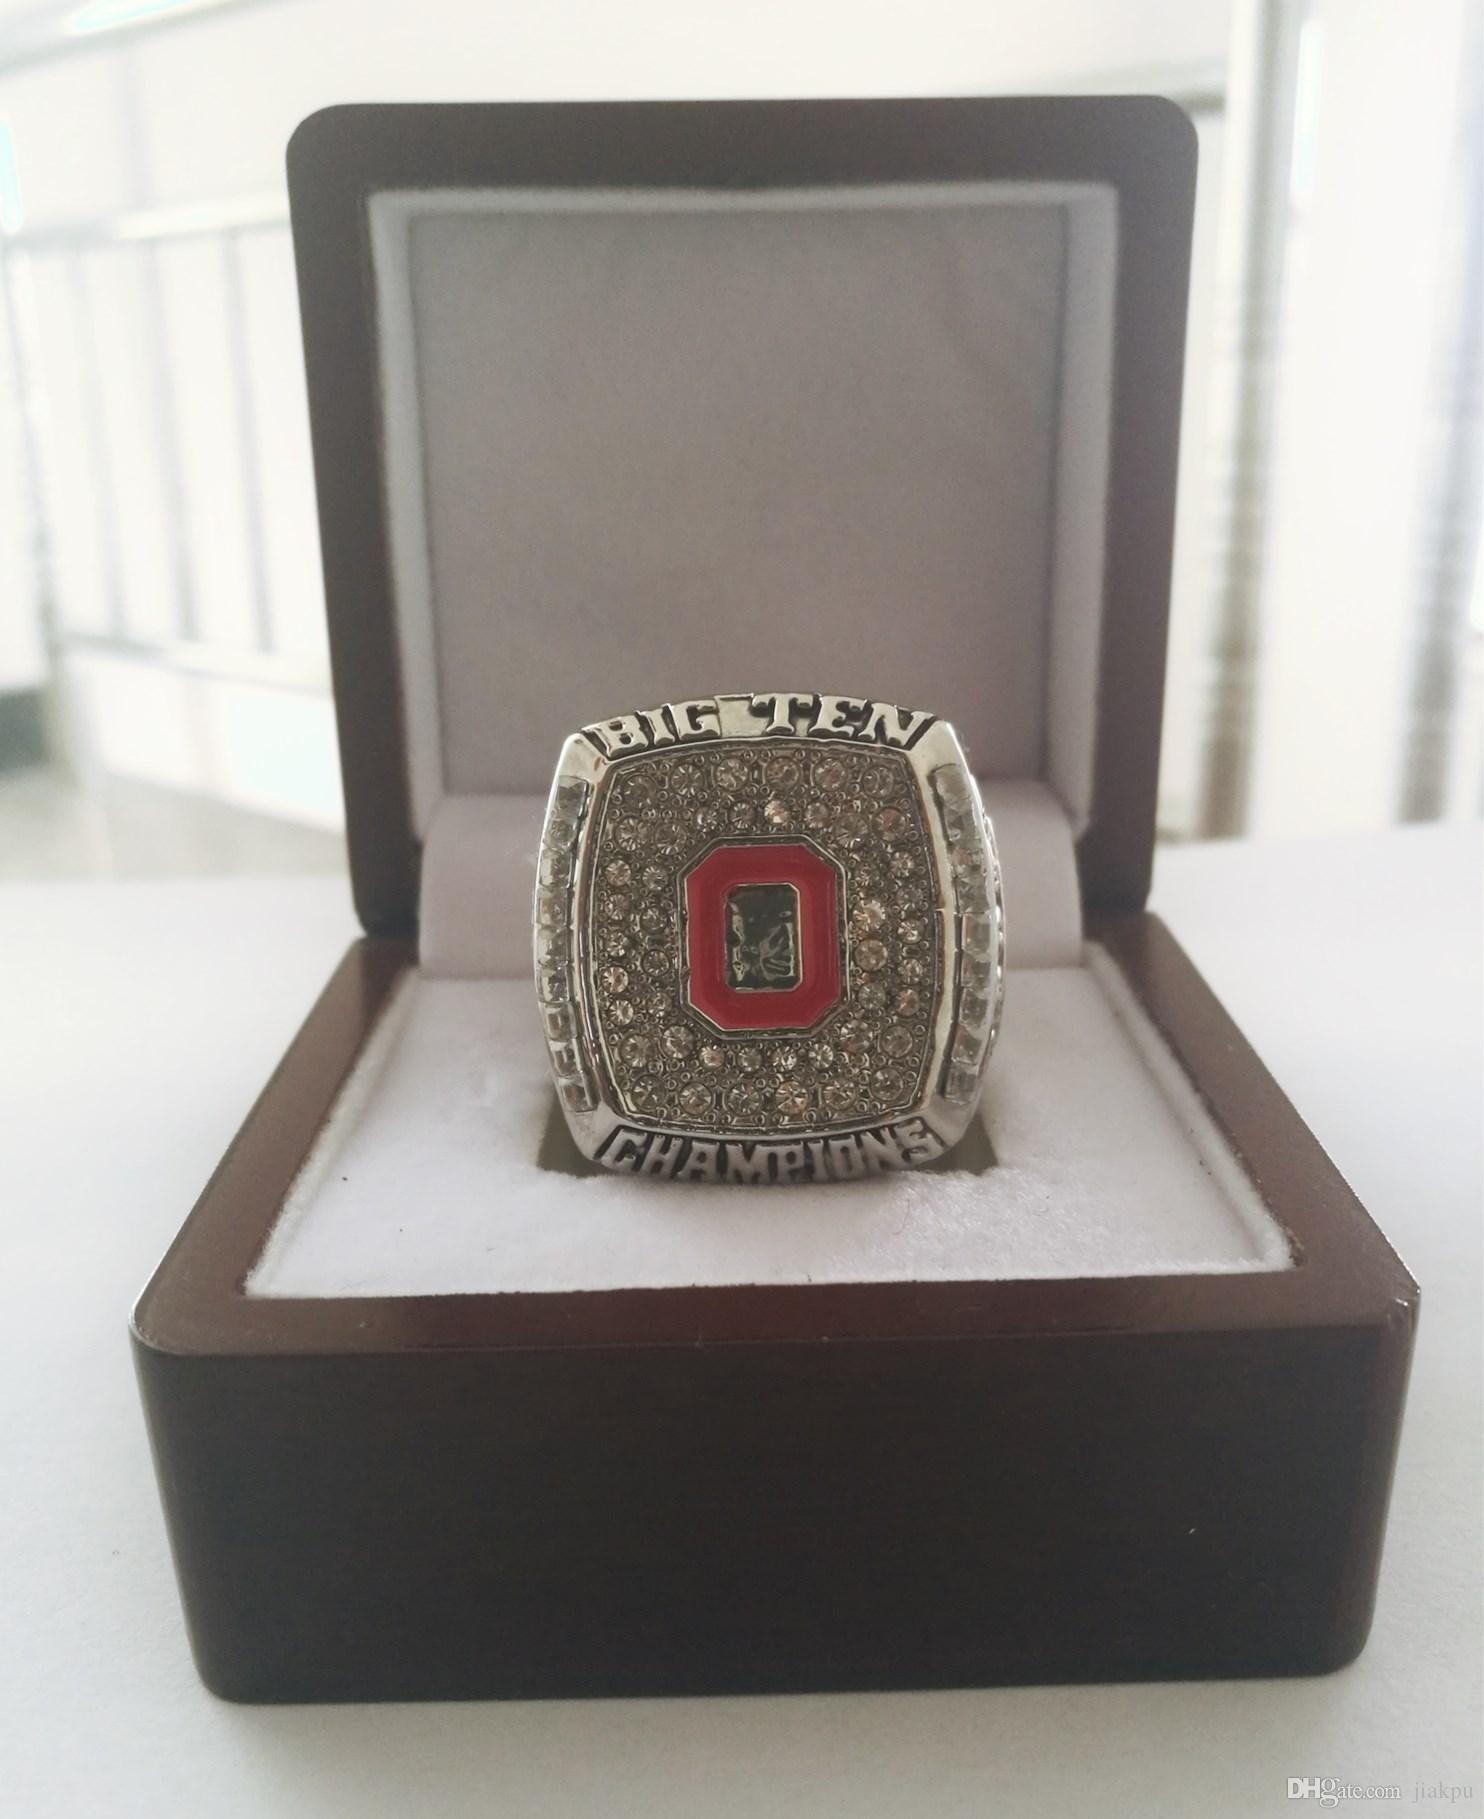 Оптовая 2009 штат Огайо большая десятка Чемпионат кольцо TideHoliday подарки для друзей